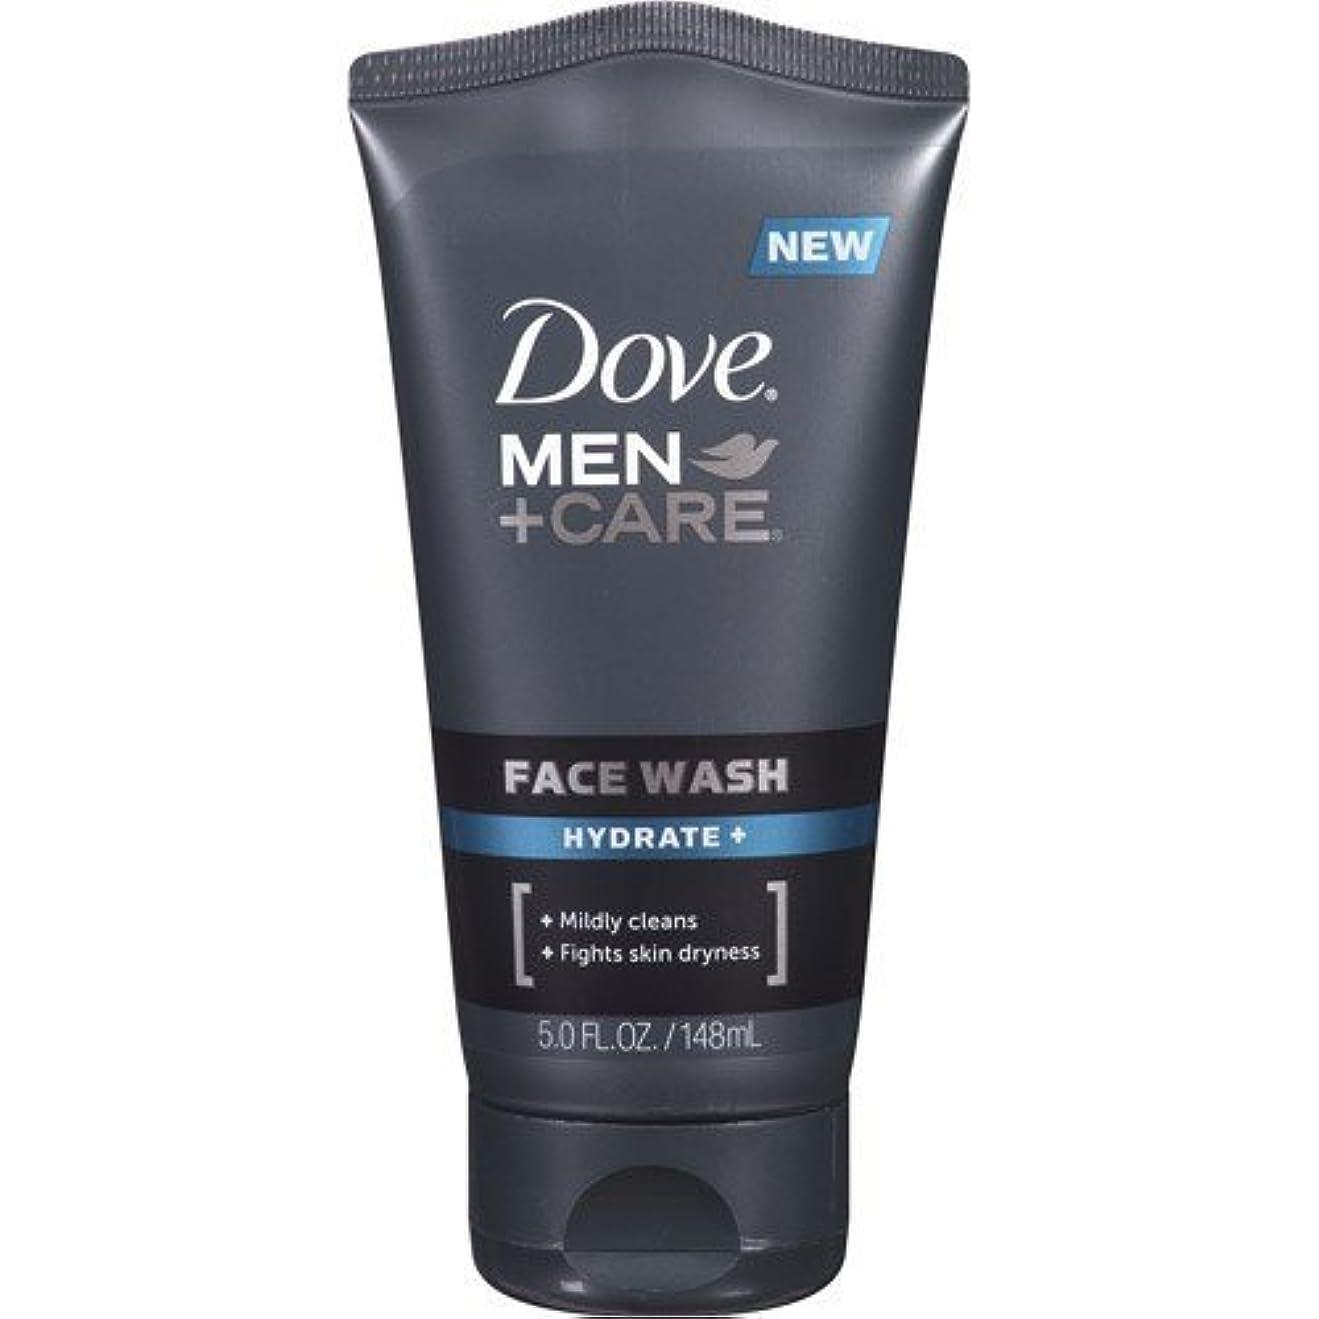 消費文明化する浸漬Dove Men + Care Face Wash, Hydrate, 5 Oz by Dove